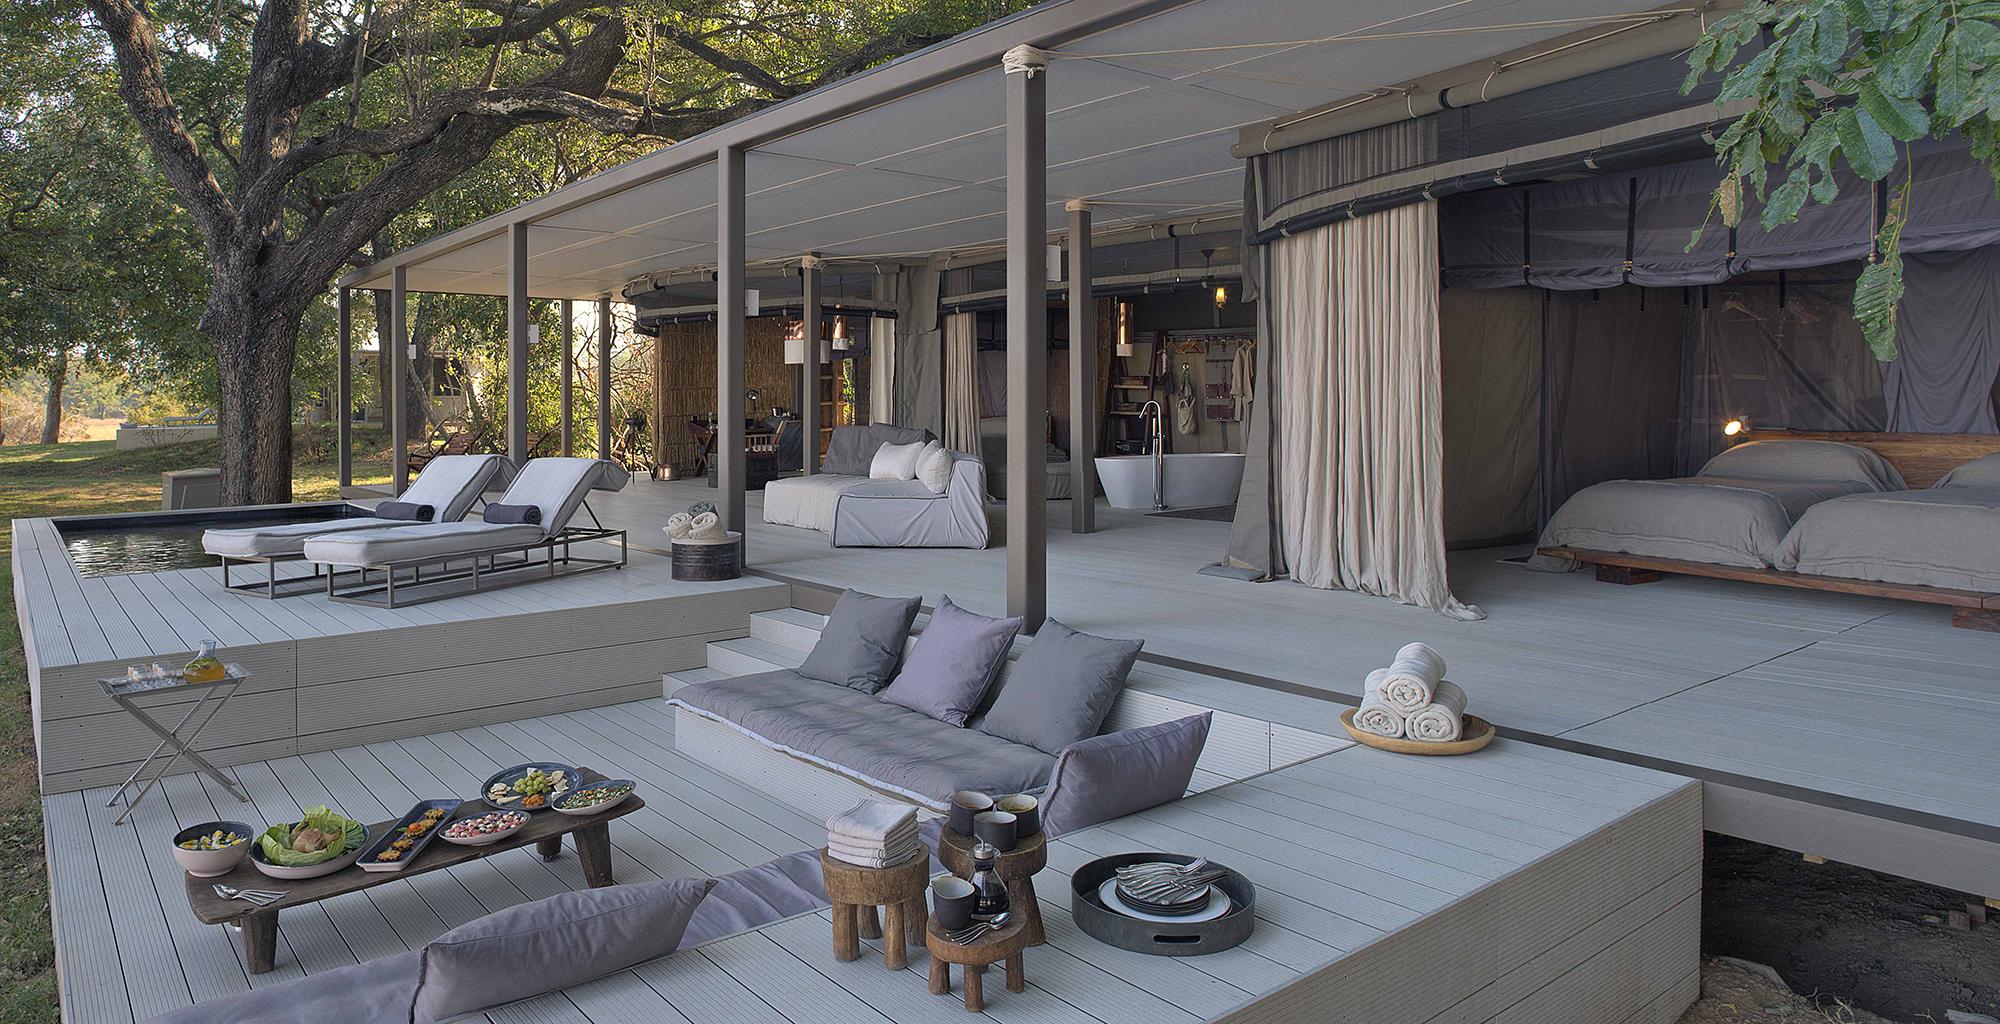 Zambia-Chinzombo-Deck